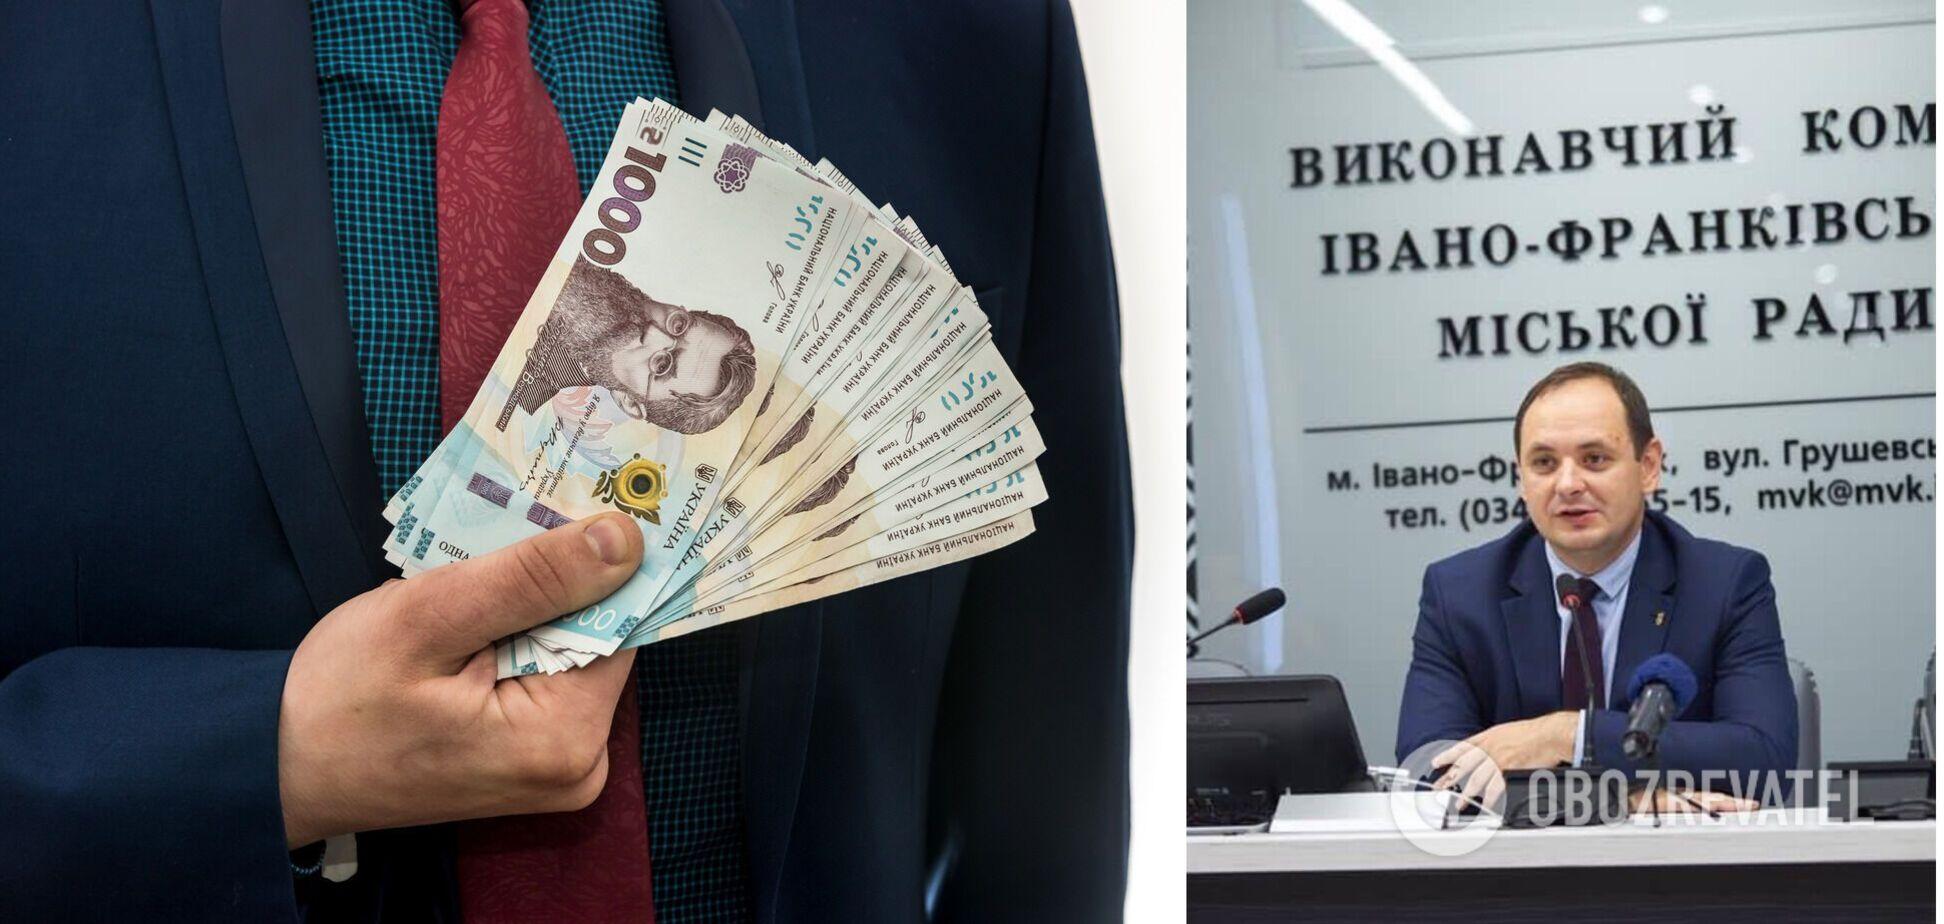 Марцінків пообіцяв виділити мільйон гривень